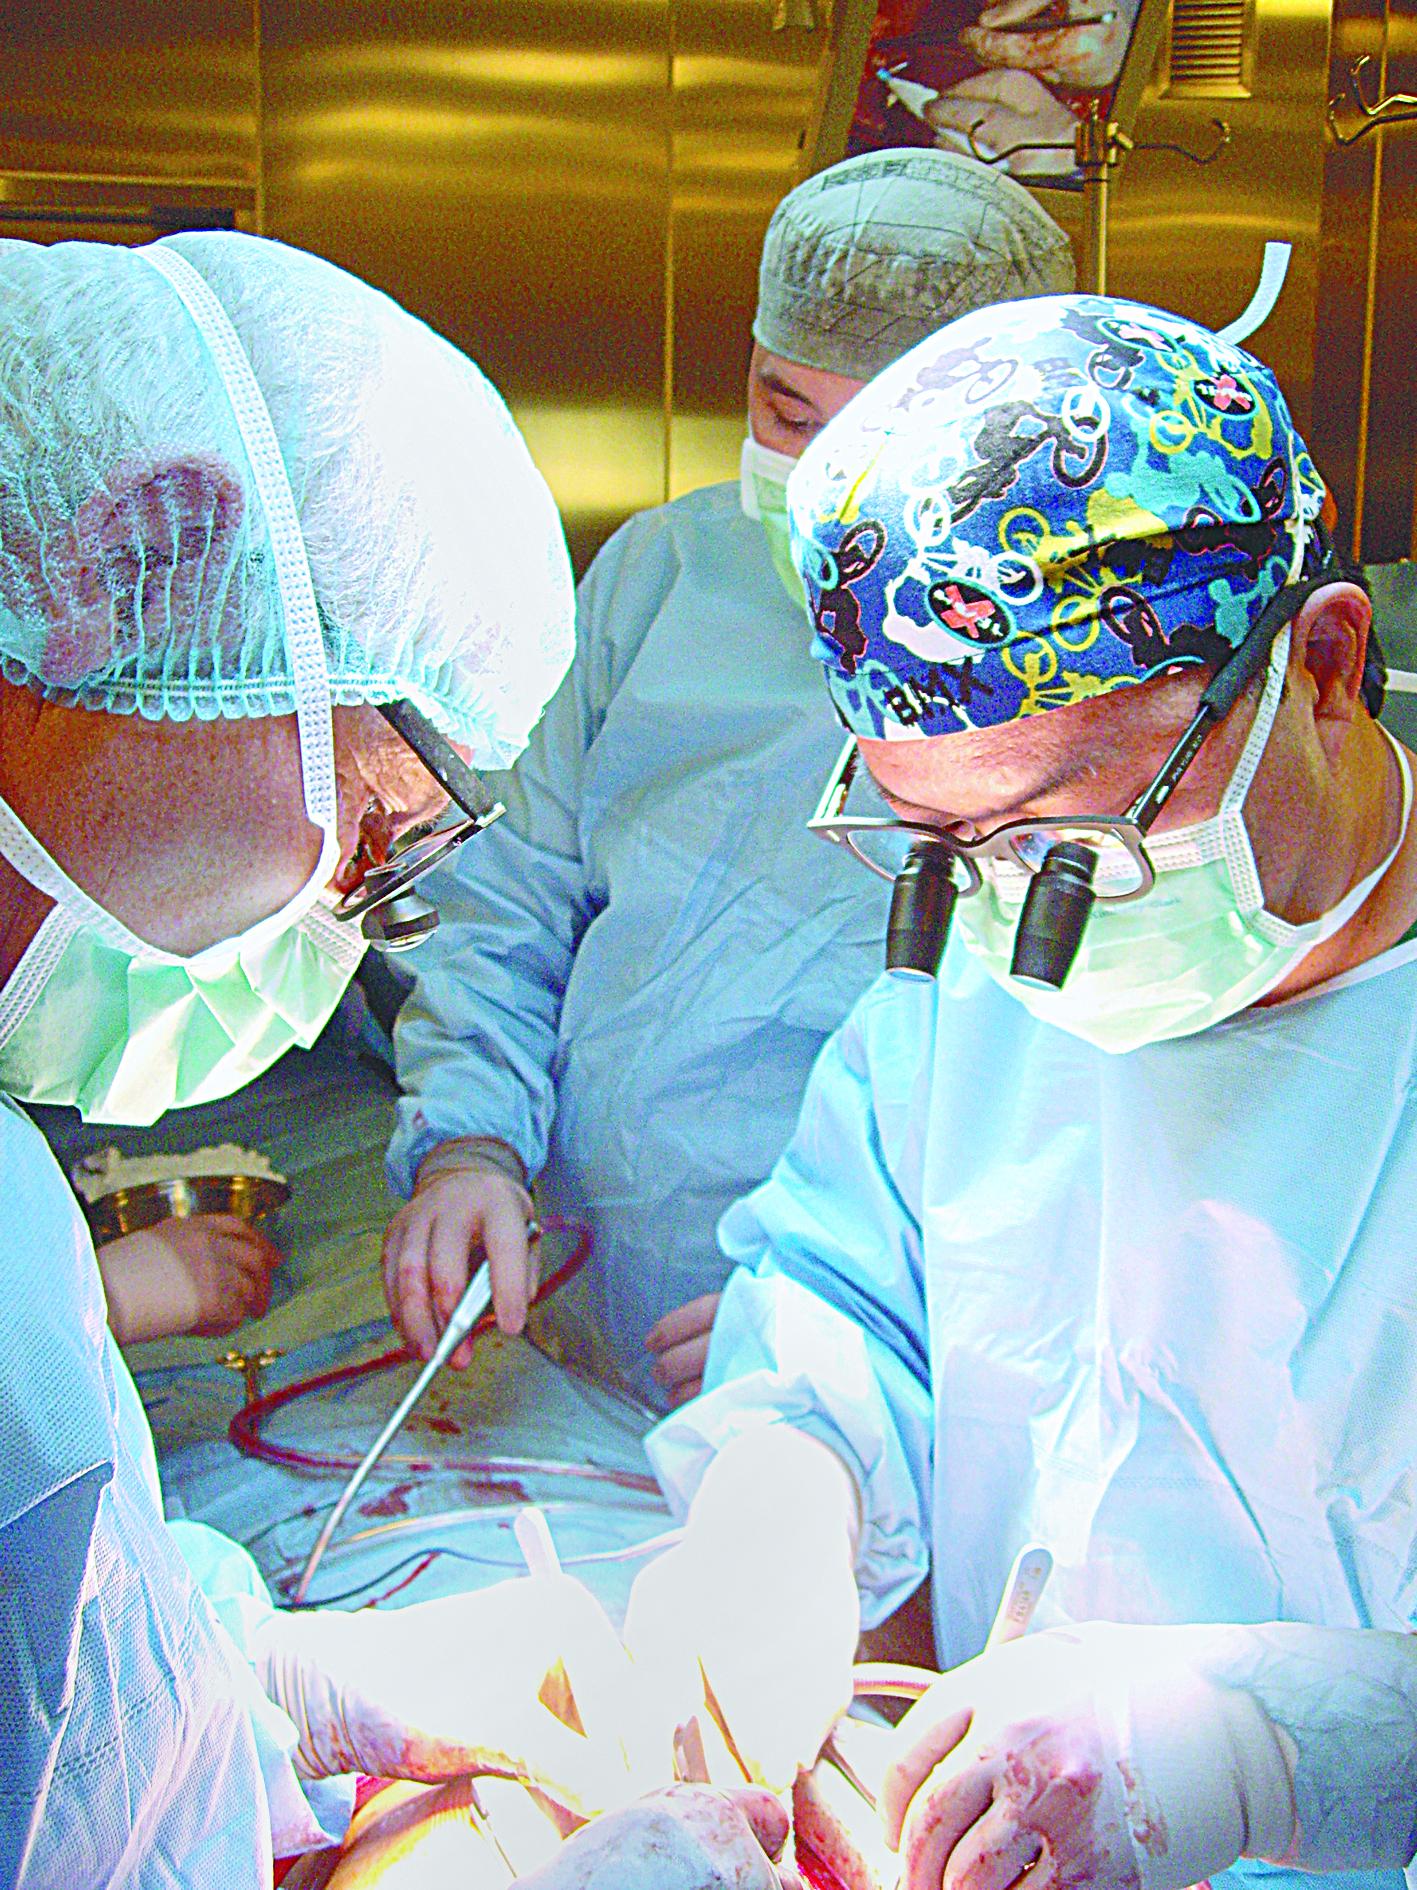 livestream recording heart transplantation - HD1417×1890